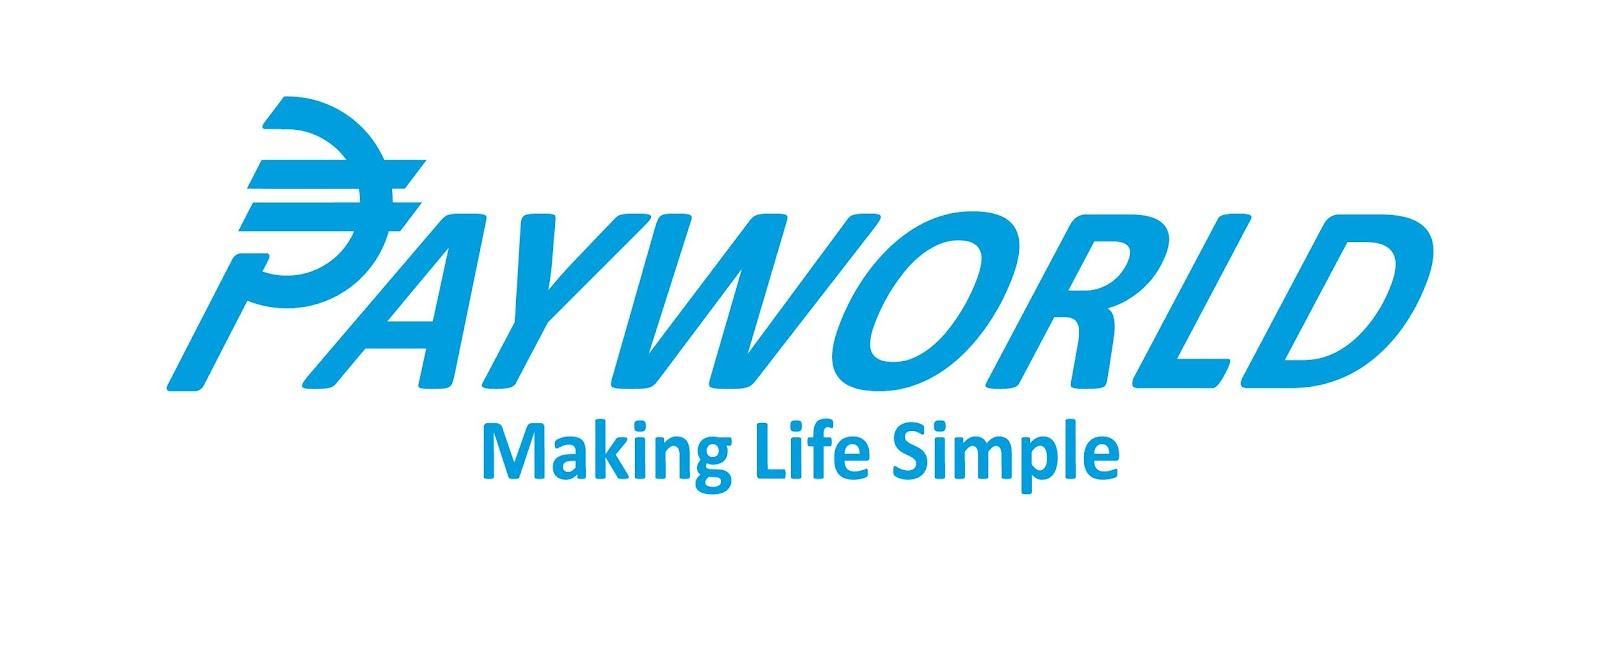 Image result for payworld logo